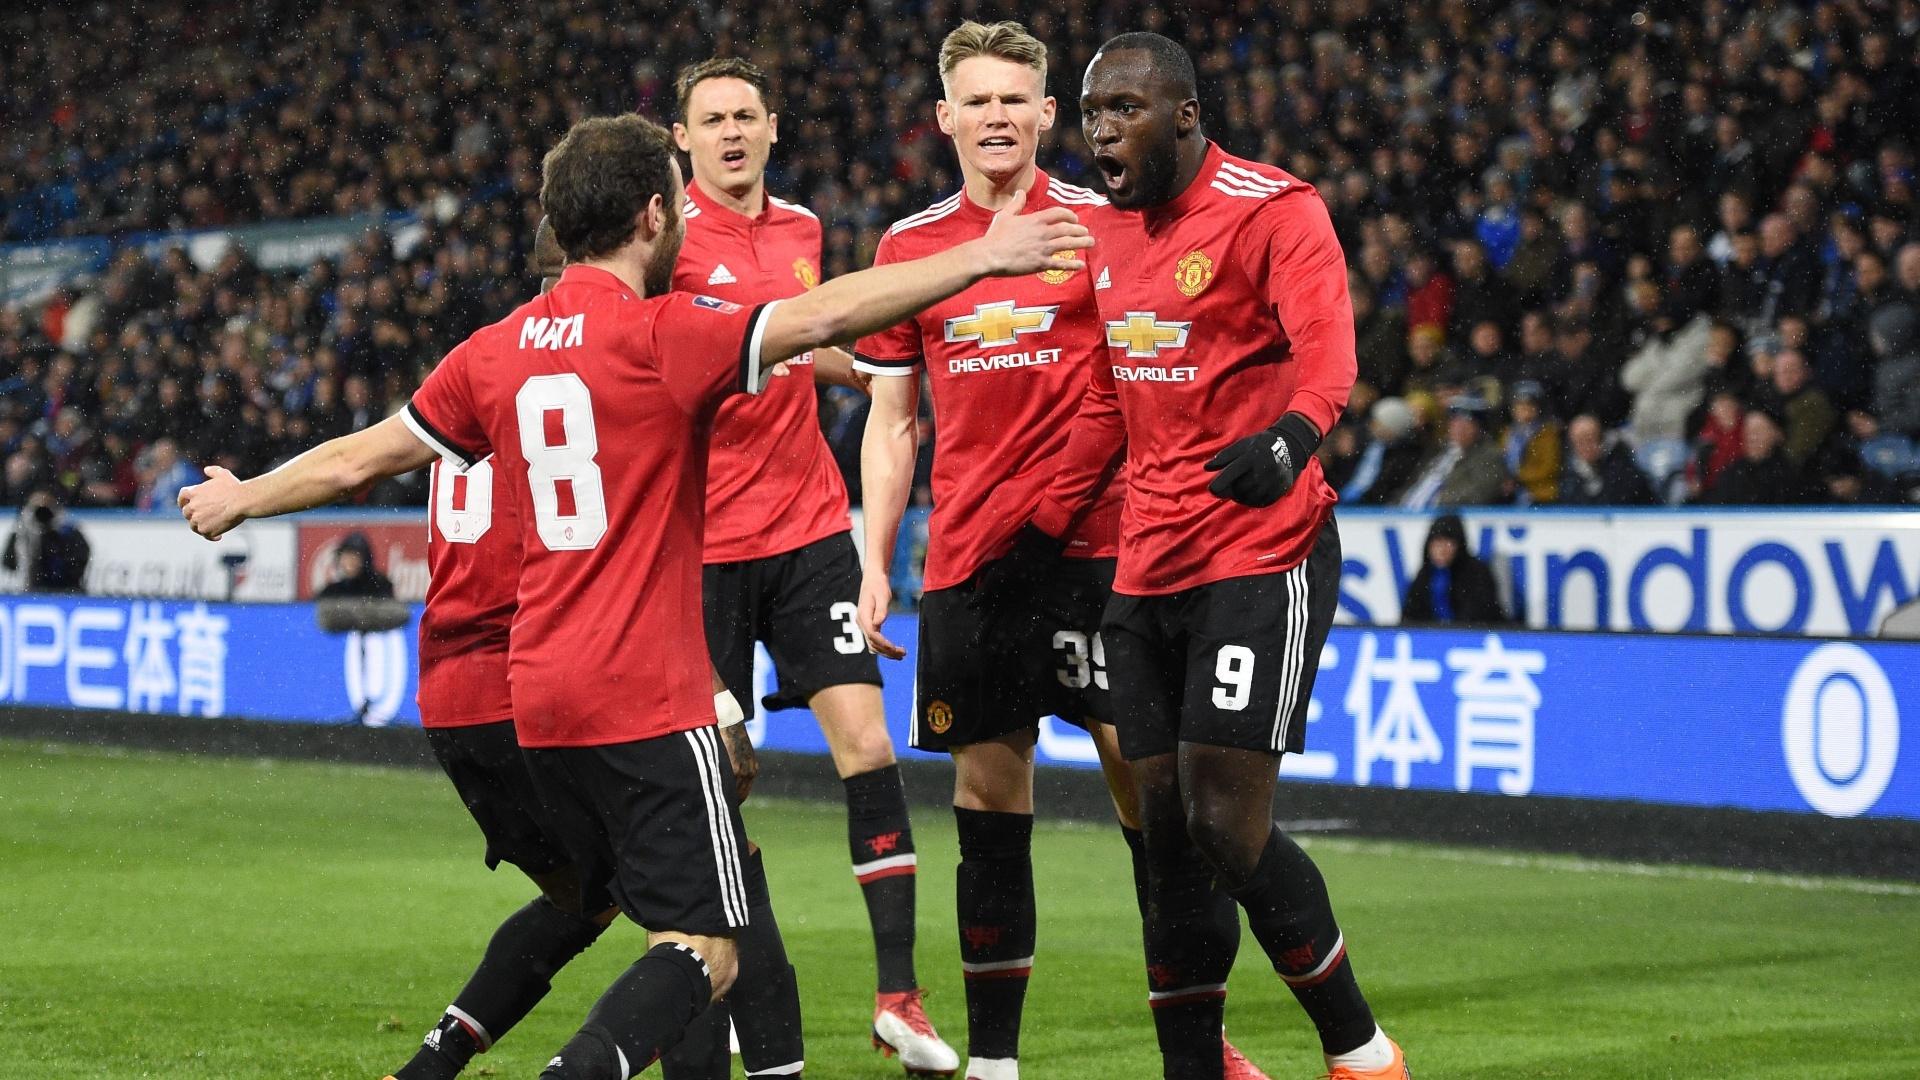 Lukaku comemora após abrir o placar para o United contra o Huddersfield